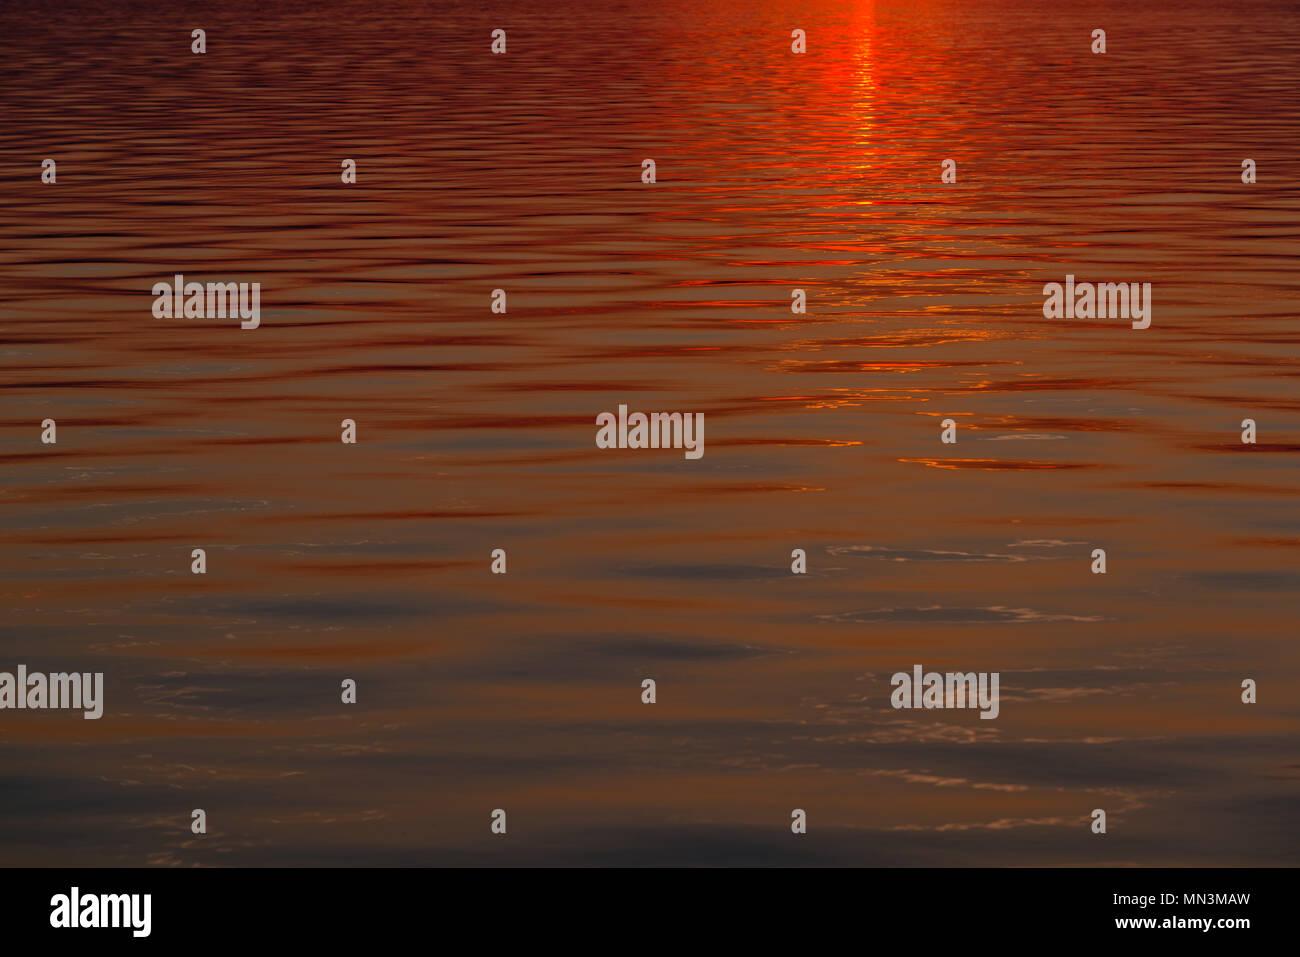 Eine friedliche Szene mit Wellen im Abendlicht, Ostsee, Altefähr auf der Insel Rügen, Eaast Deutschland, Deutschland, Europa, Stockbild